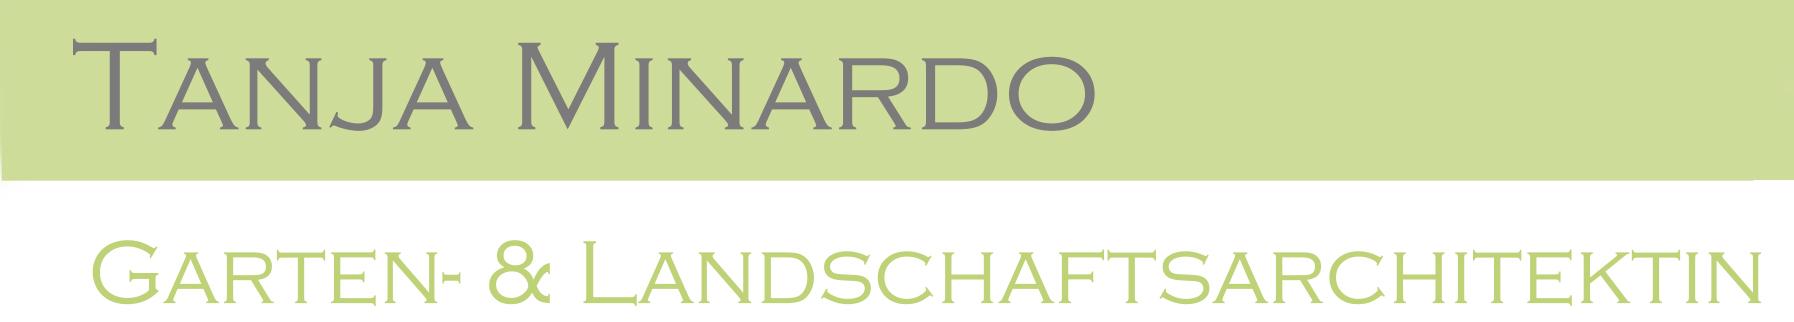 Minardo Landschaftsarchitektur